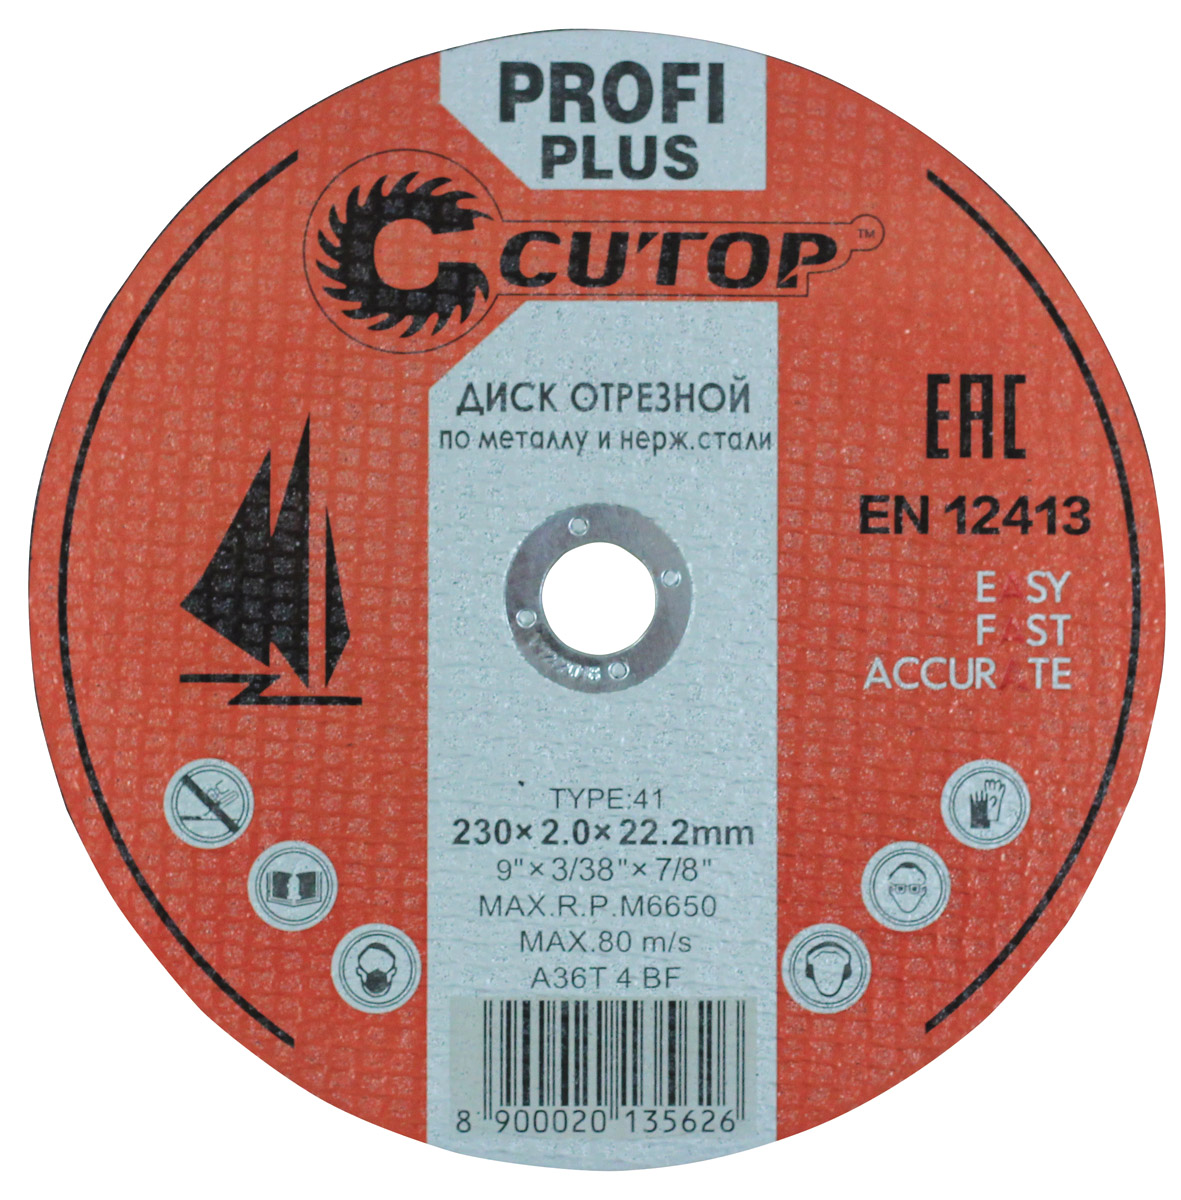 Круг отрезной Cutop Profi plus 40001т диск отрезной алмазный турбо 230x22 2 мм cutop 61 23030